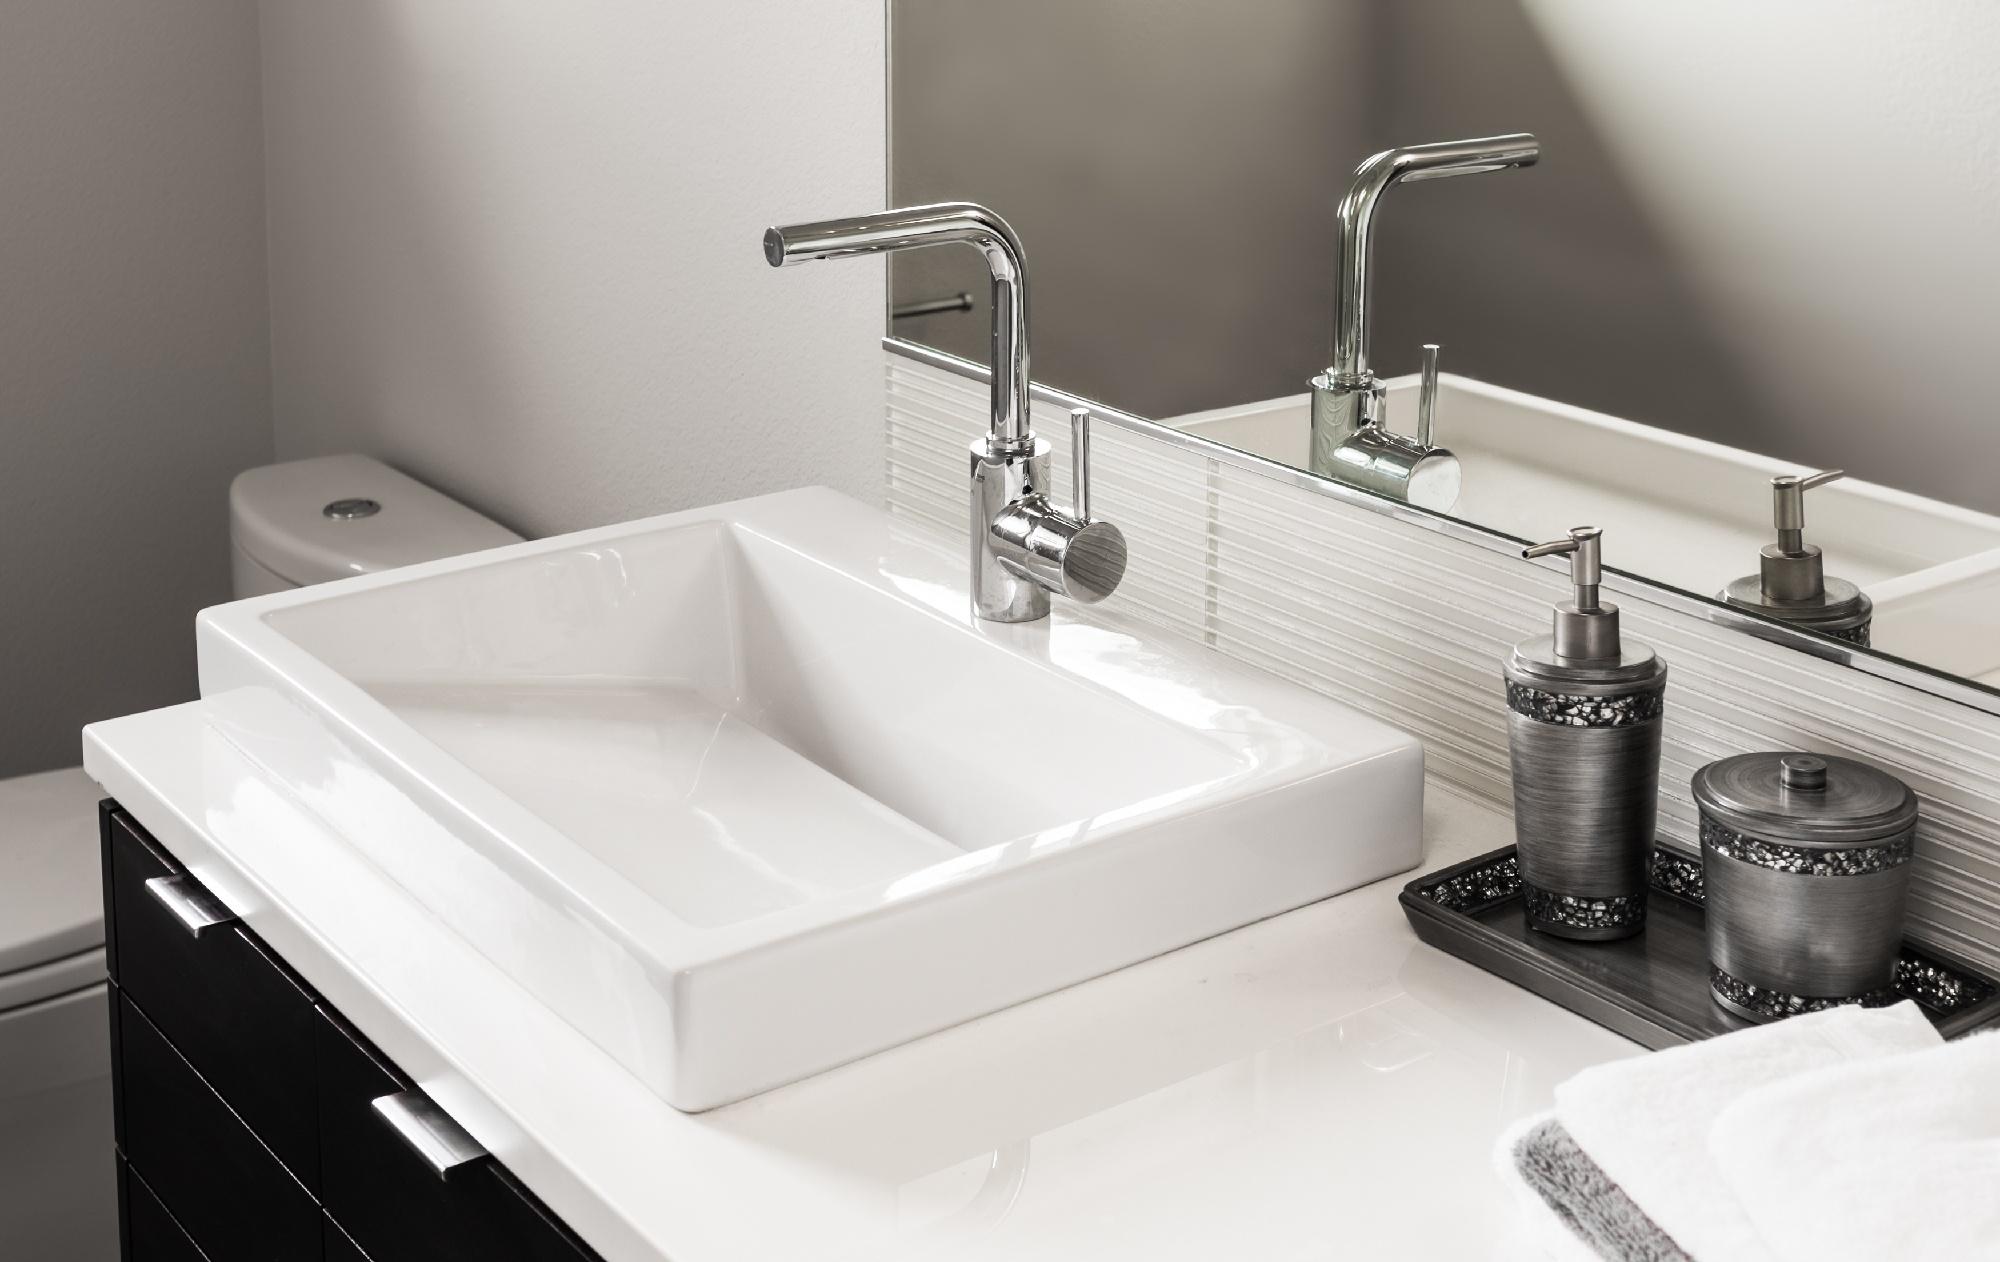 sink design for remodeling bathroom